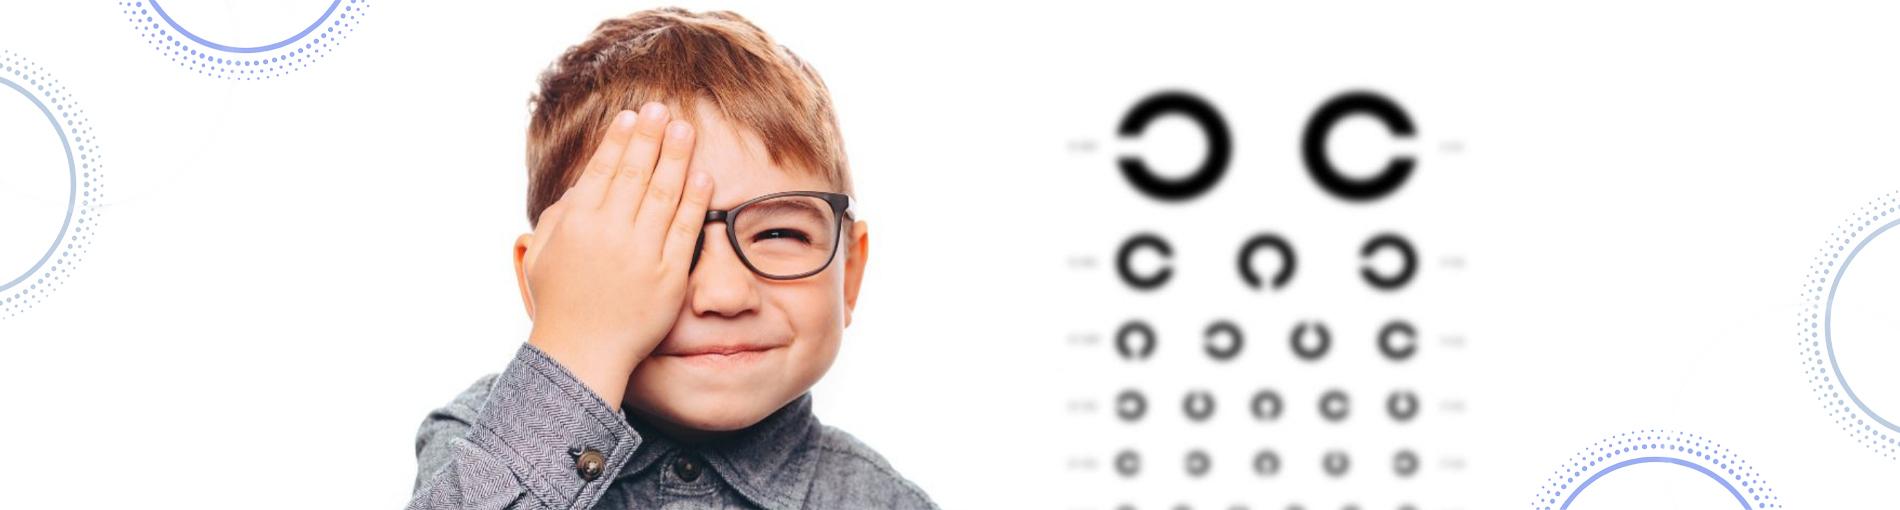 ד״ר רונית פרילינג מרפאת עיניים ילדים ילד שם יד על עין